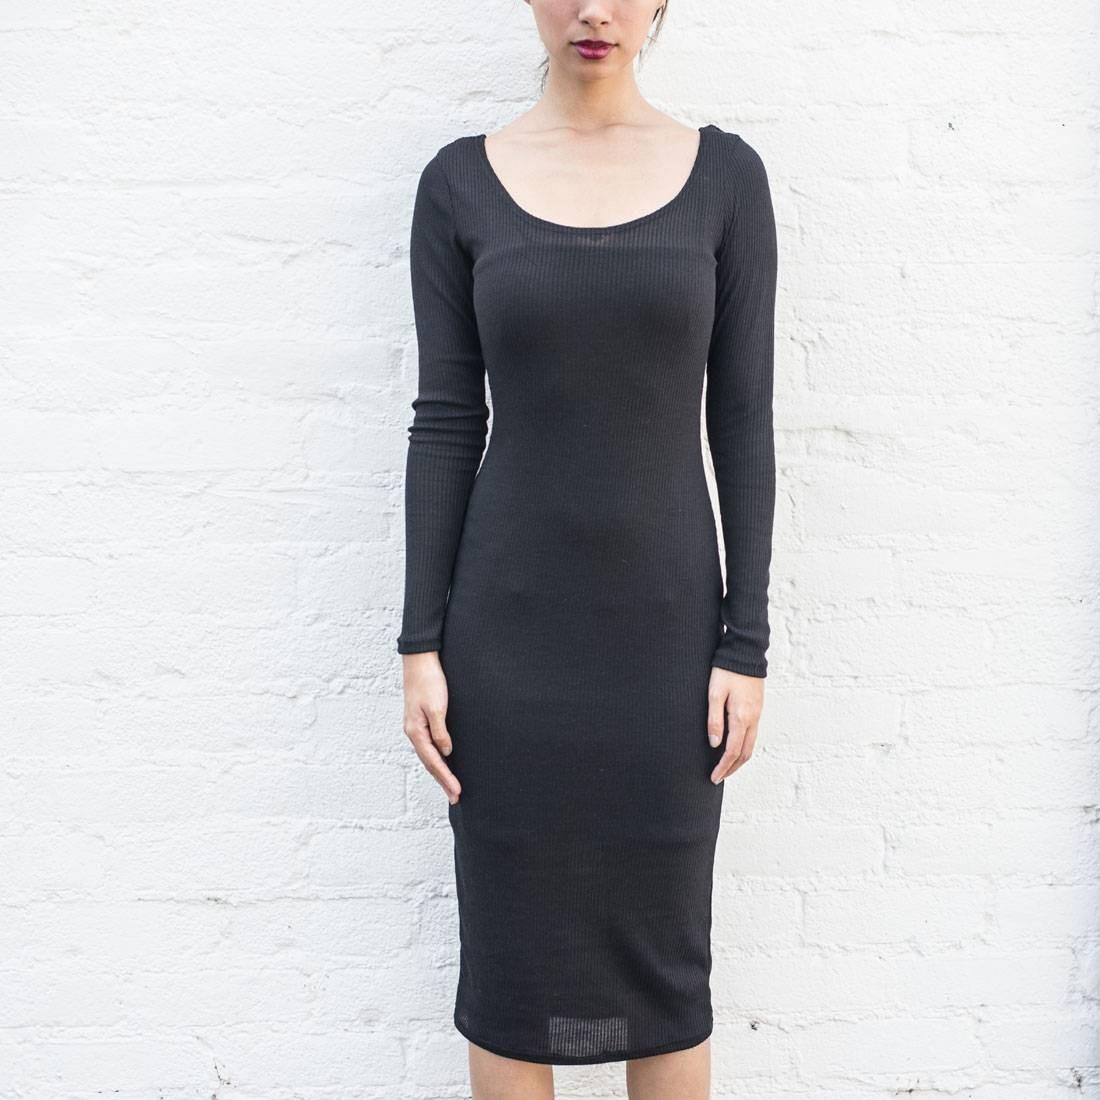 ベイト BAIT ドレス 黒 ブラック 【 BLACK BAIT WOMEN BODY CON DRESS WITH INNER SLIP MADE IN LA 】 レディースファッション ワンピース